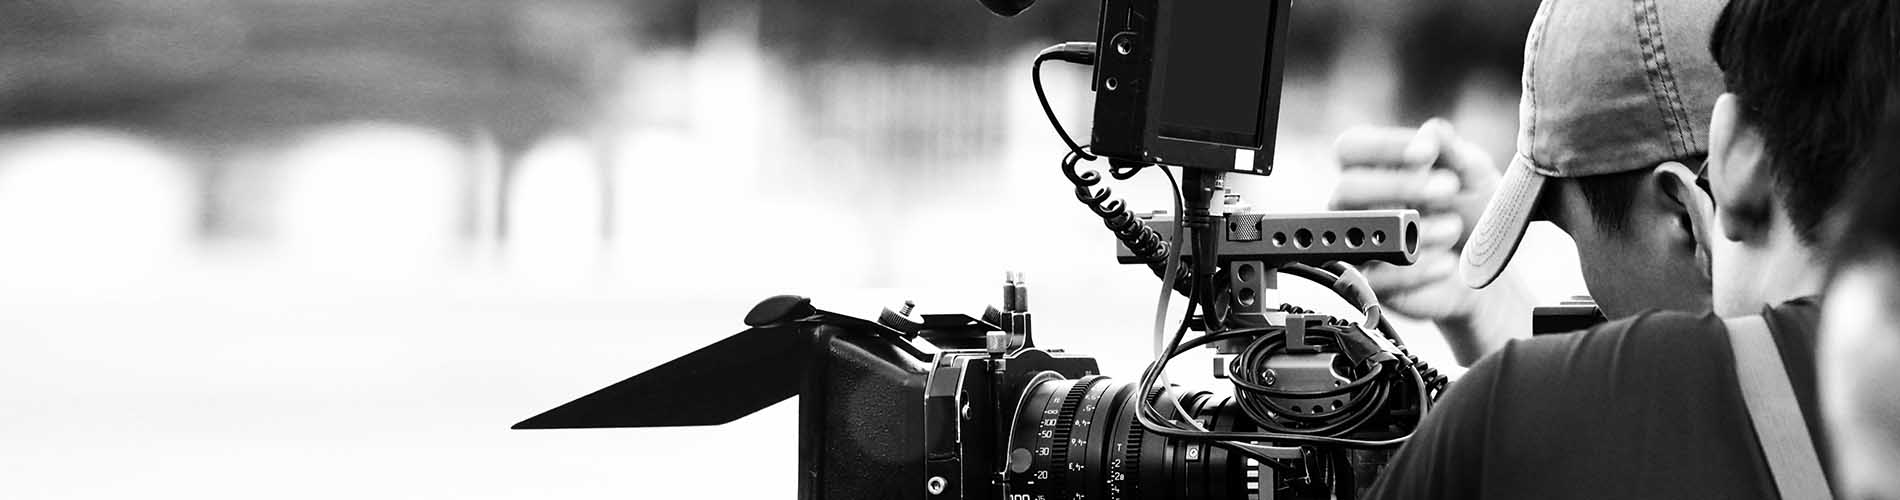 tournage-cinema